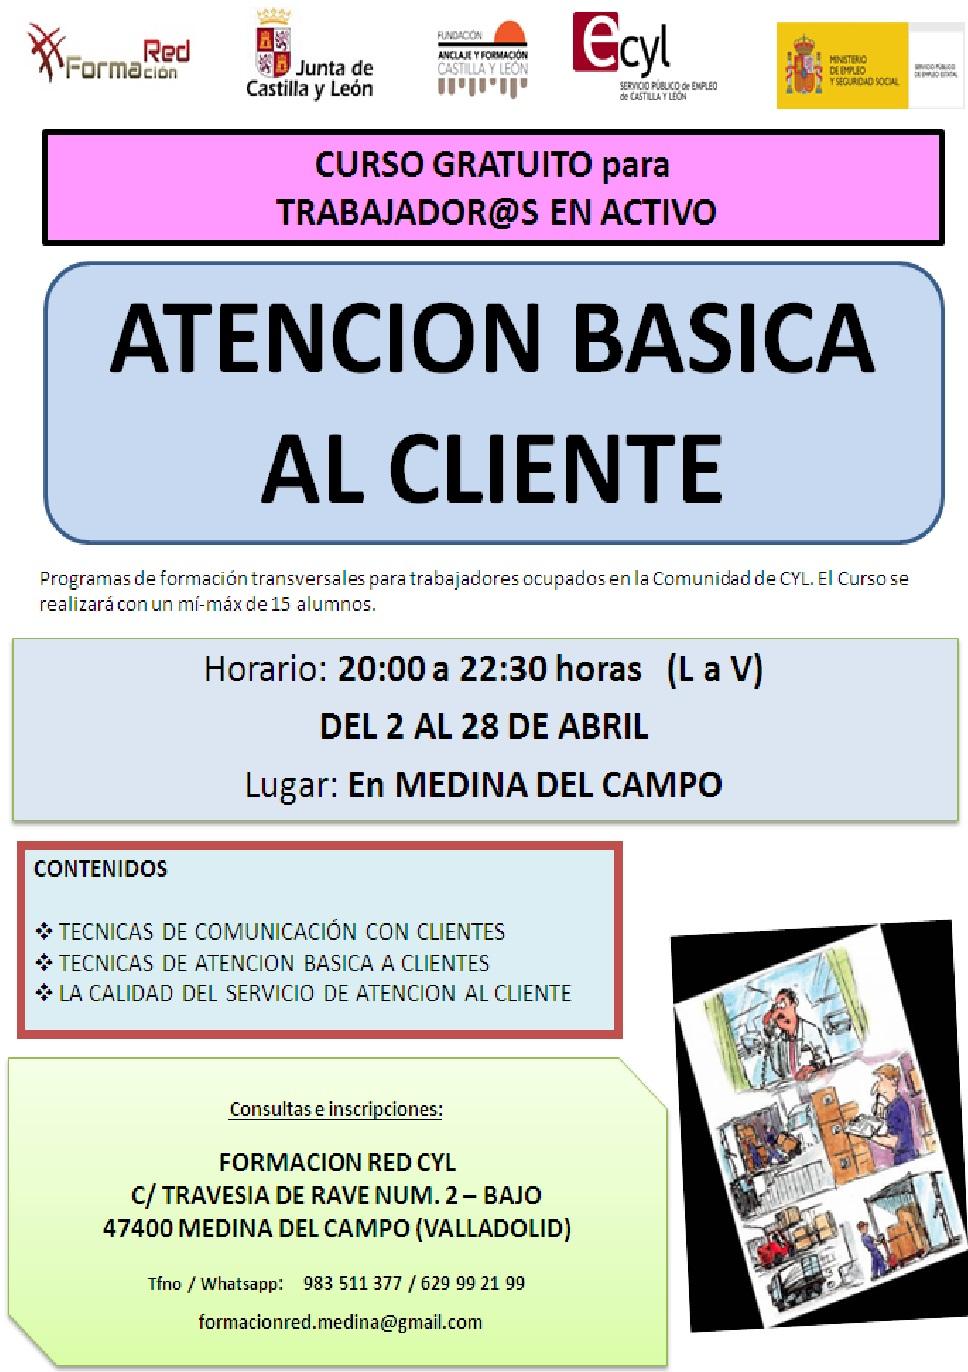 Cursos Gratuitos En Medina Del Campo Para Trabajadores Y Desempleados Ayuntamiento De Madrigal De Las Altas Torres